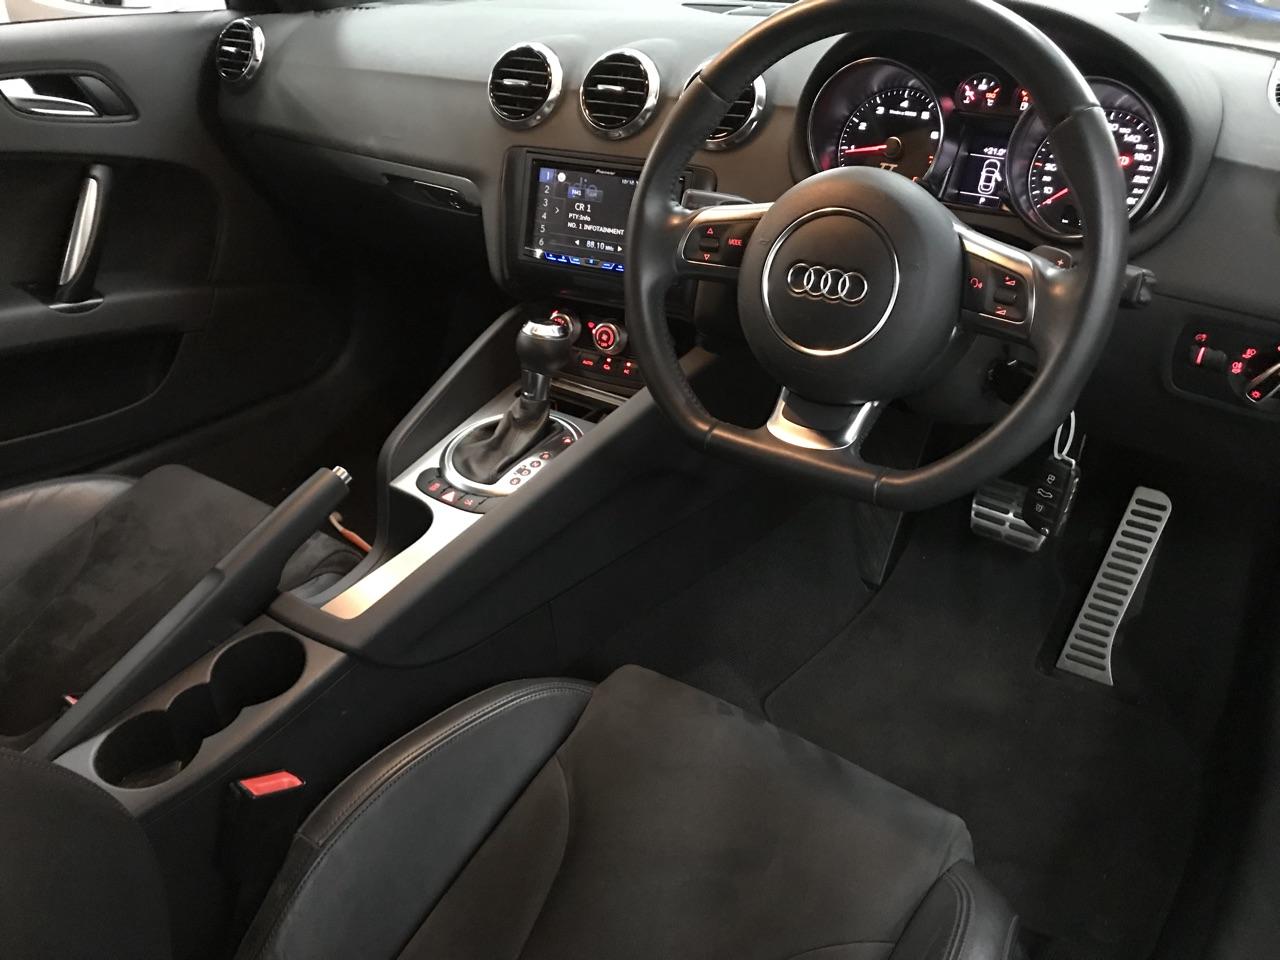 奧迪 Audi TT 1.8T - Price.com.hk 汽車買賣平臺